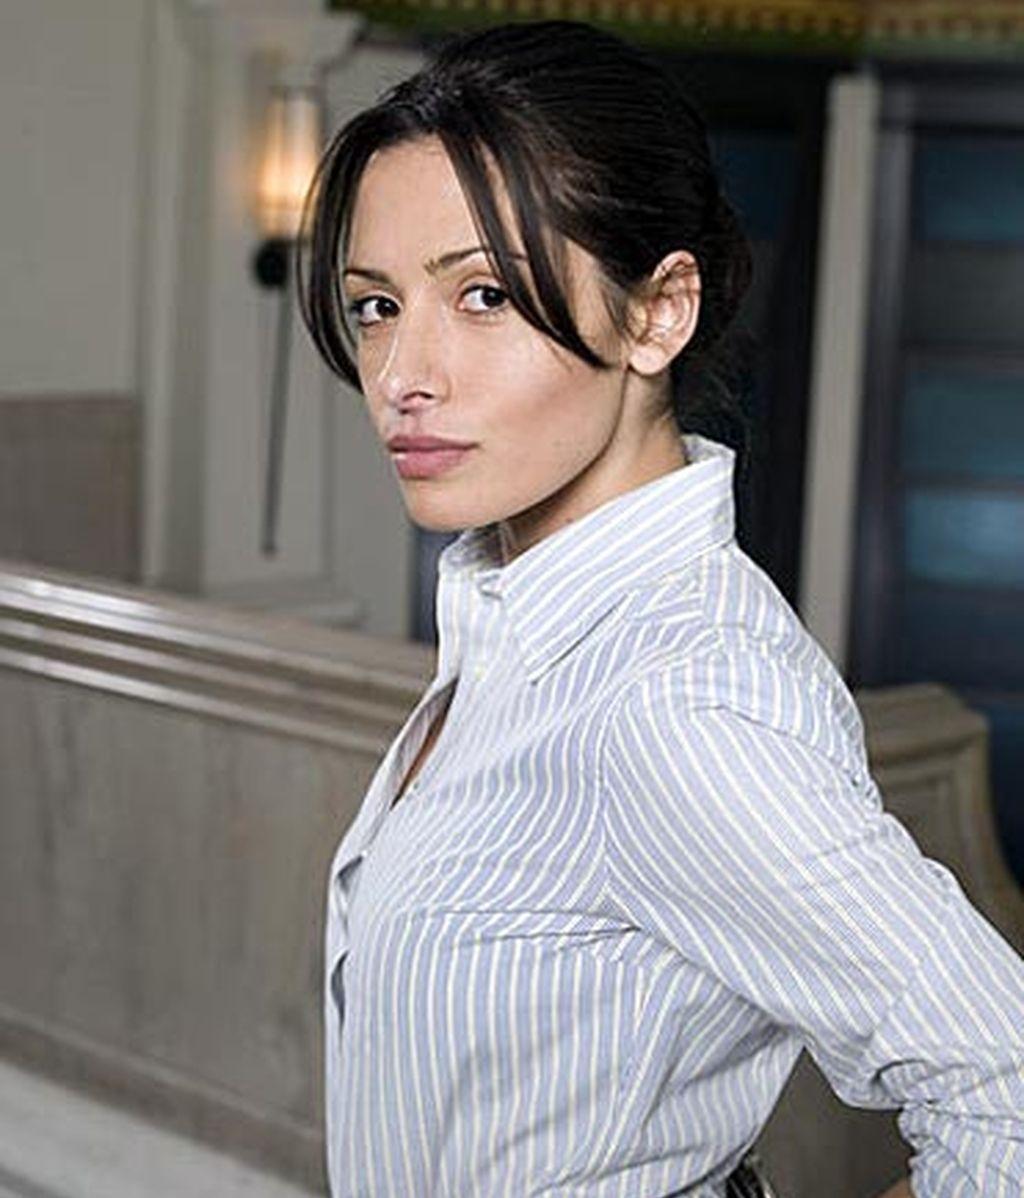 Dani Reese, la compañera de Crews